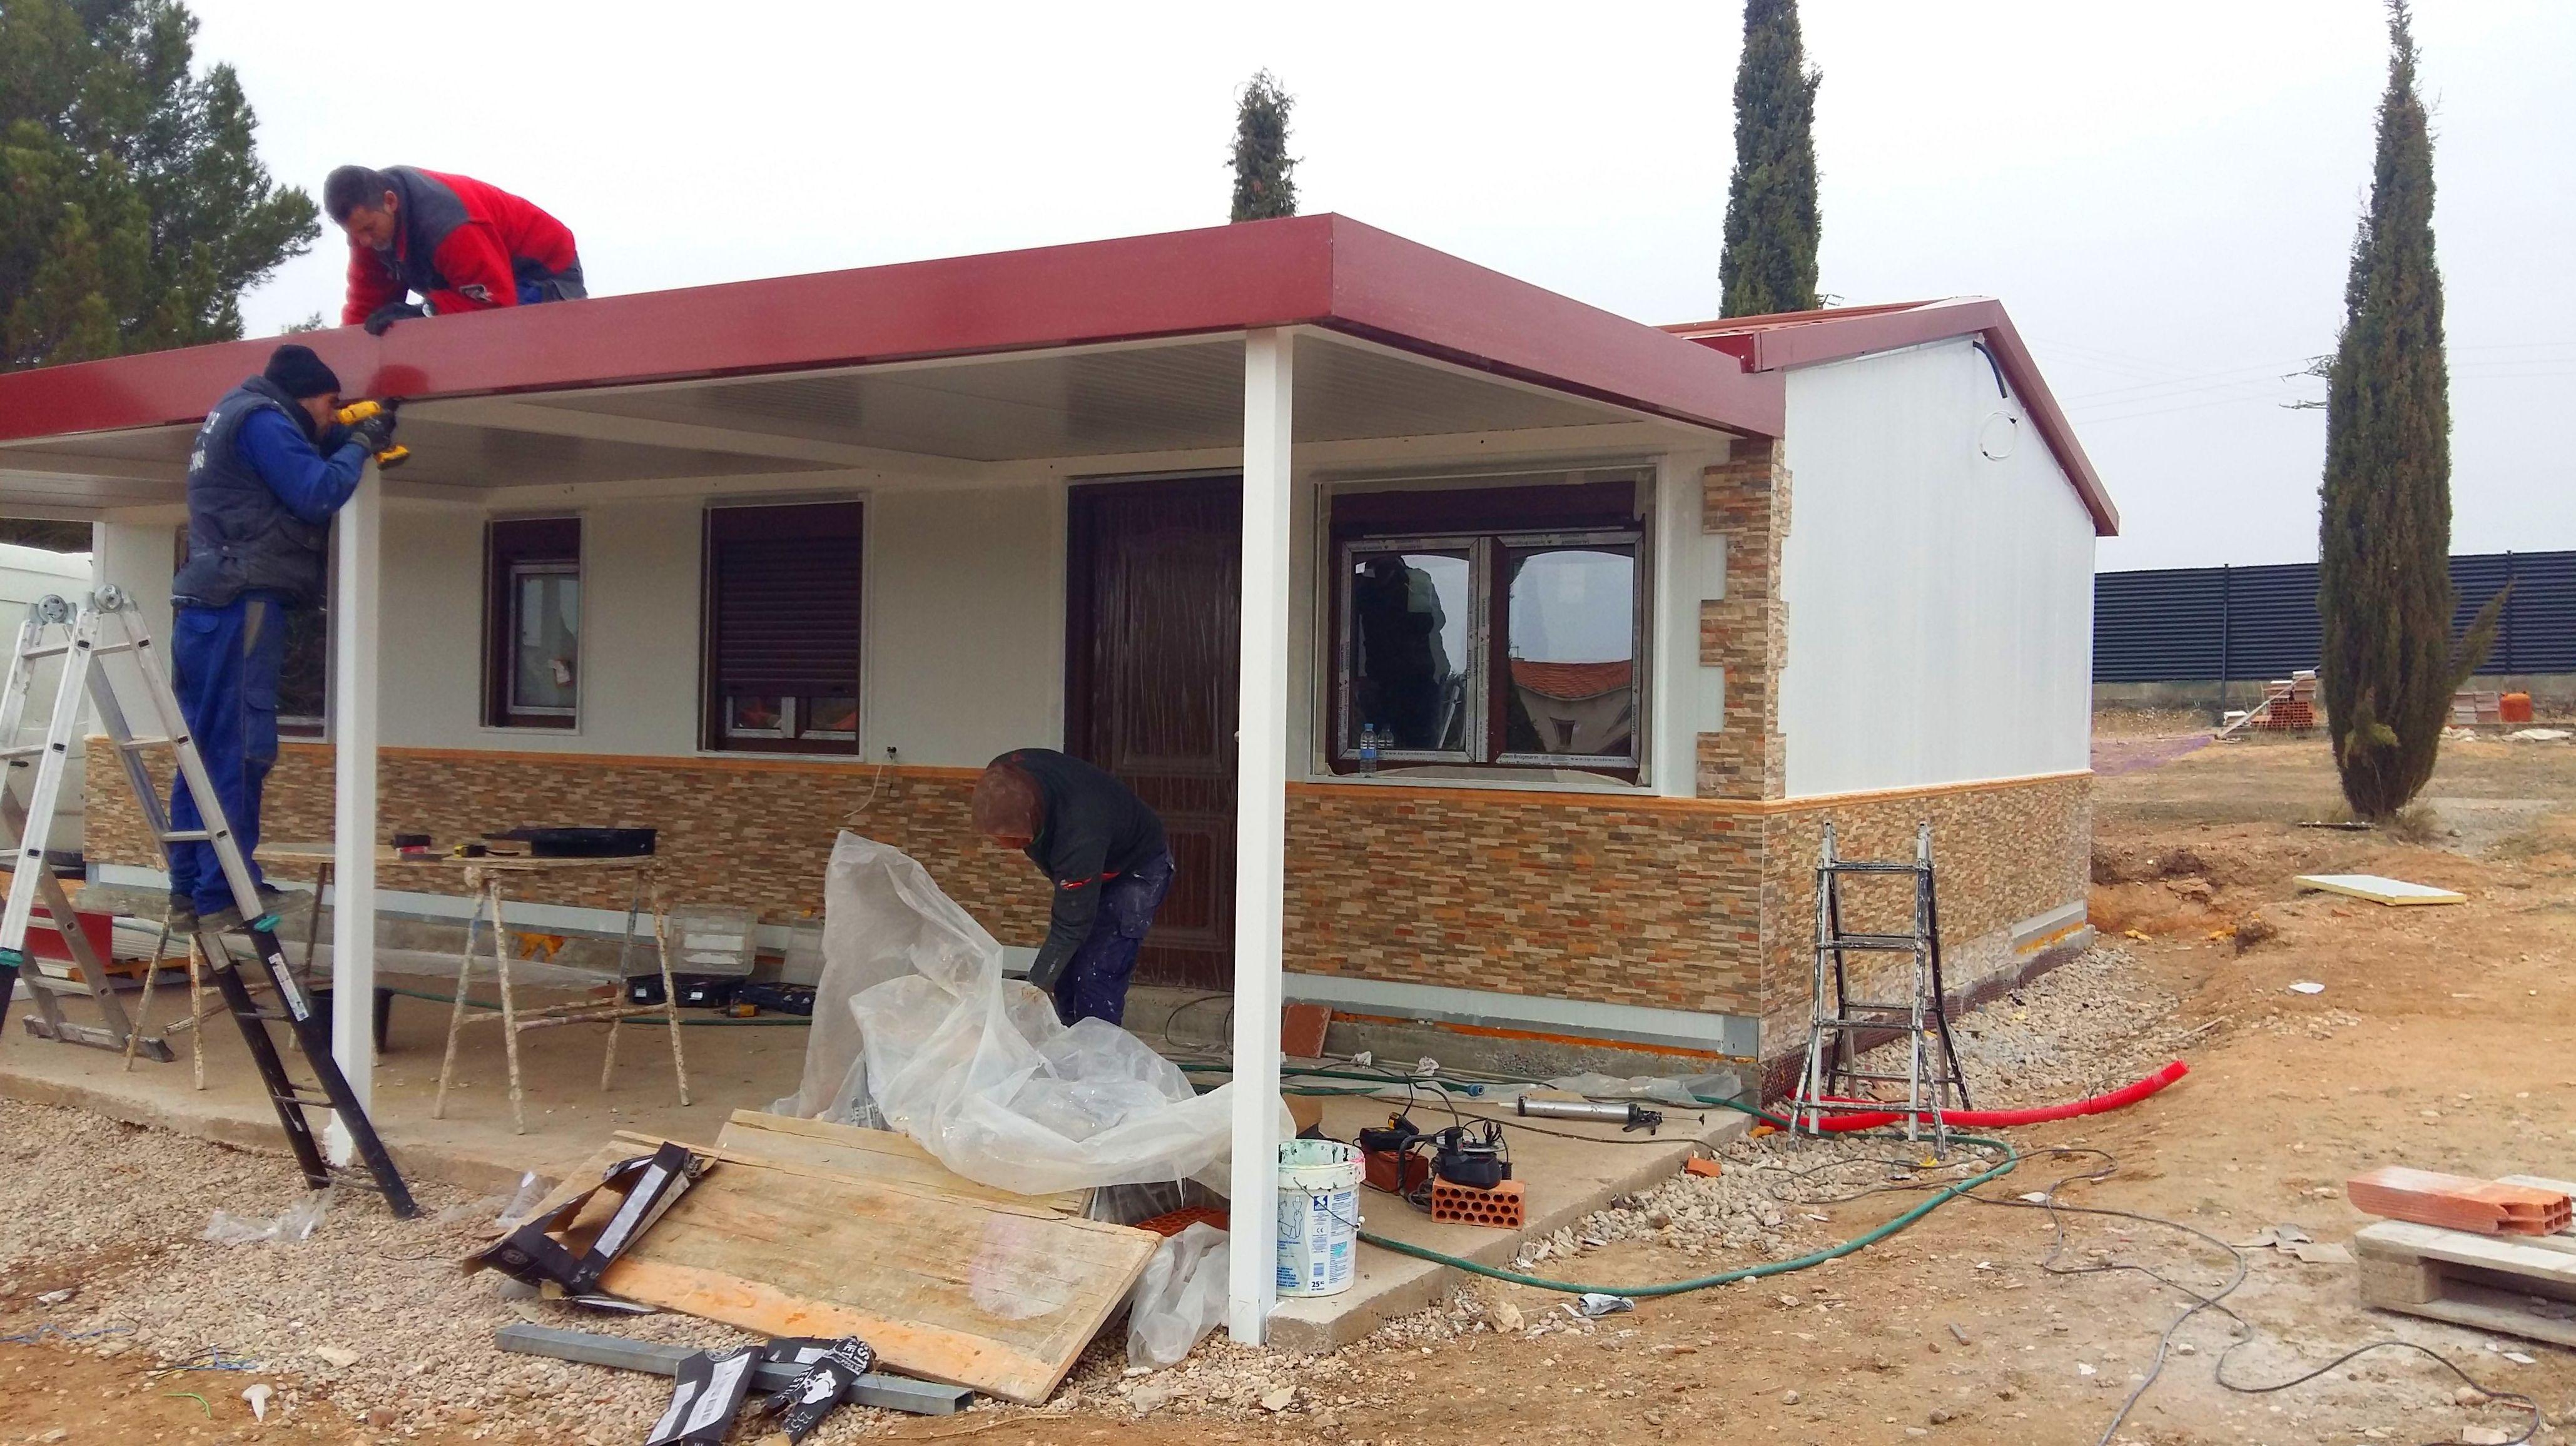 Foto 32 de Casas prefabricadas en Humanes | Wigarma